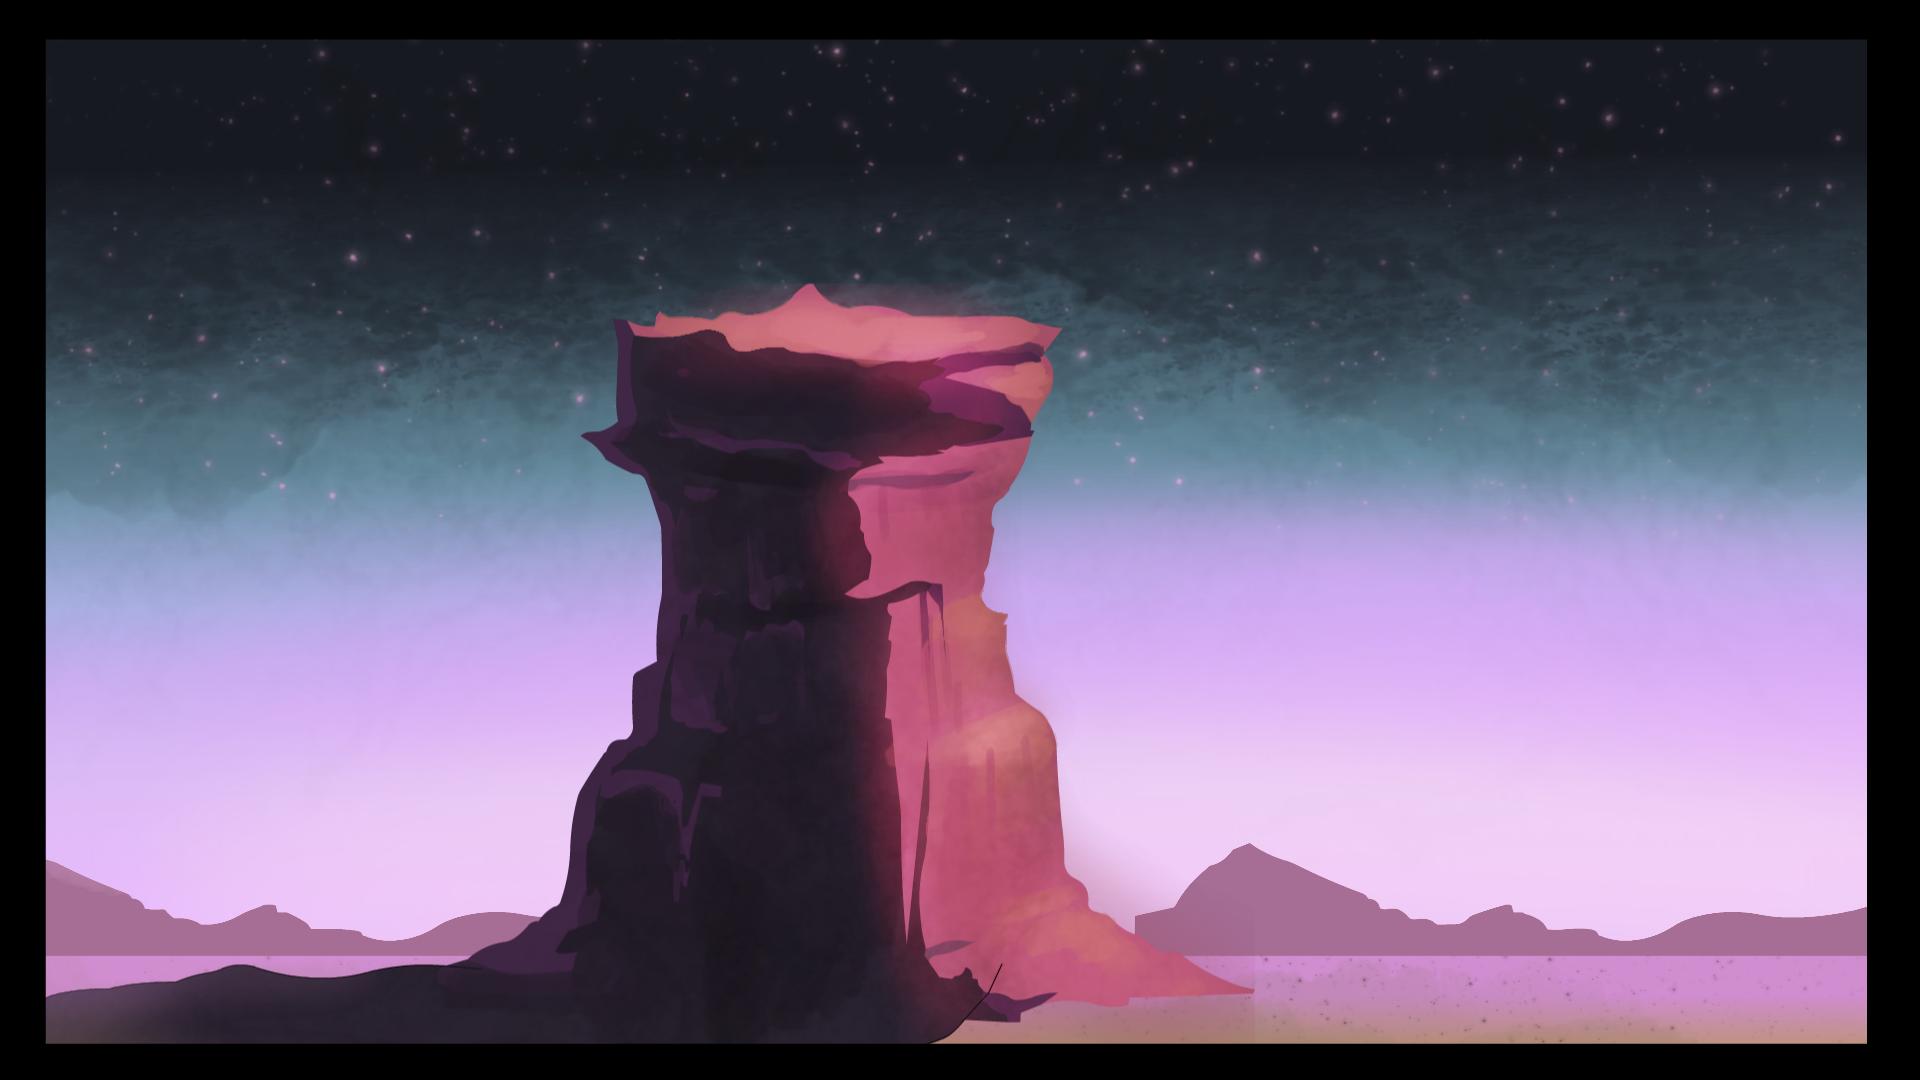 Landscape concept